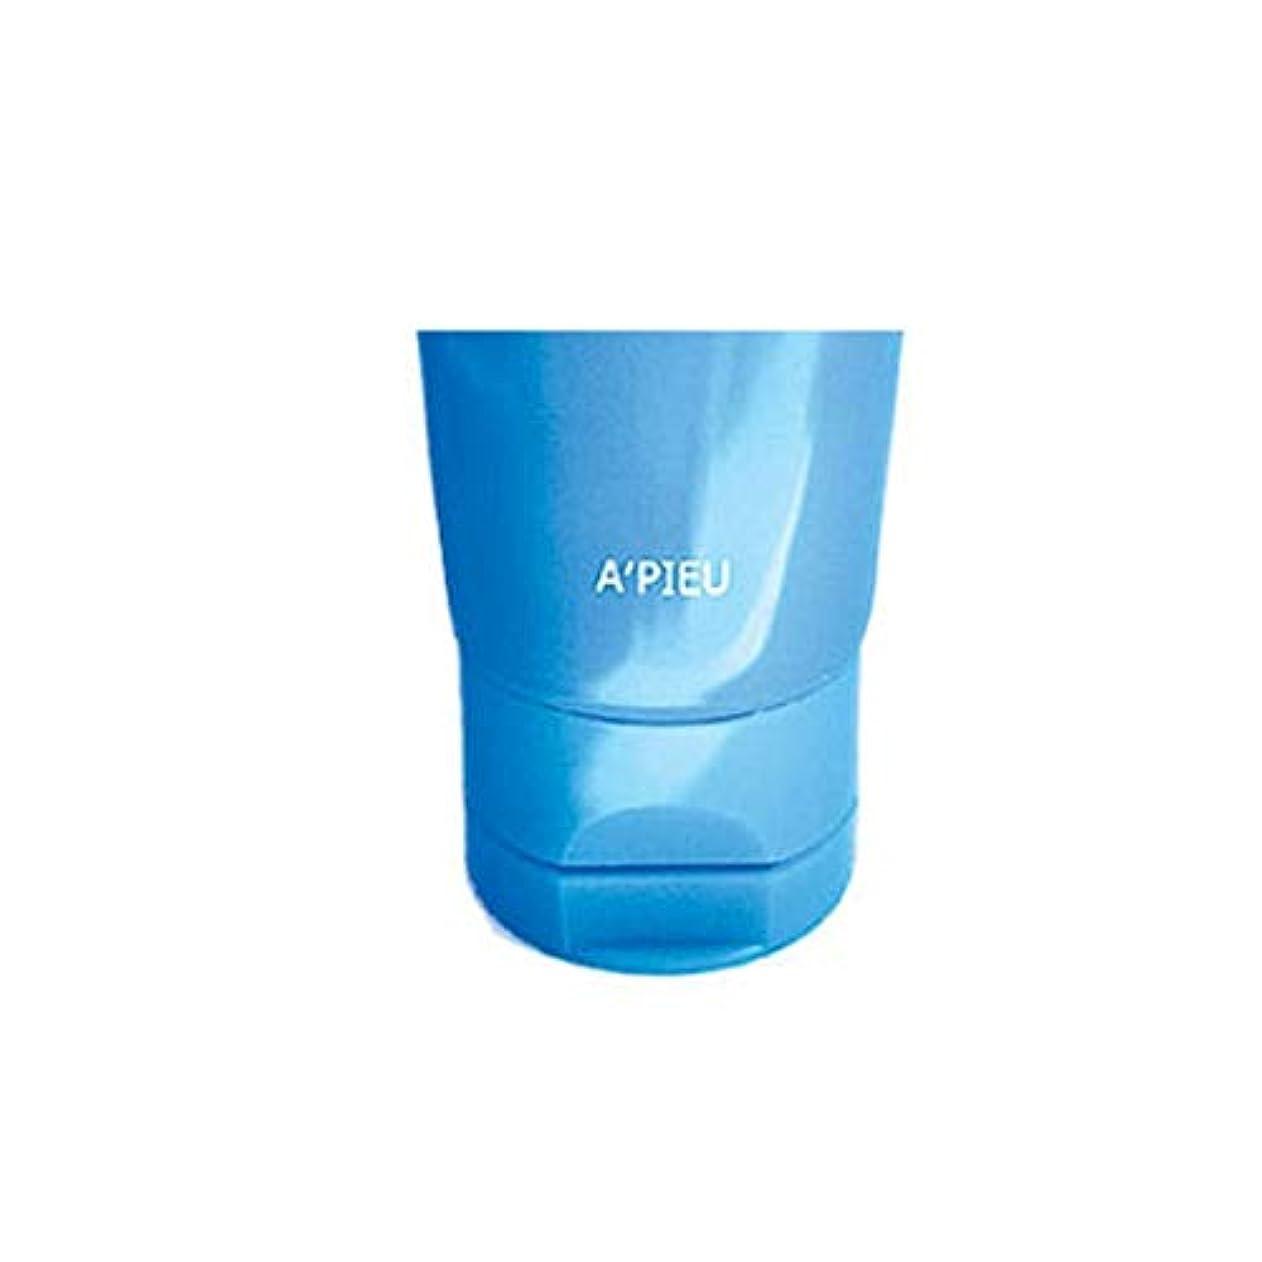 反毒ケイ素資格オピュディープクリーンフォームクレンザー130mlx2本セット韓国コスメ、A'pieu Deep Clean Foam Cleanser 130ml x 2ea Set Korean Cosmetics [並行輸入品]